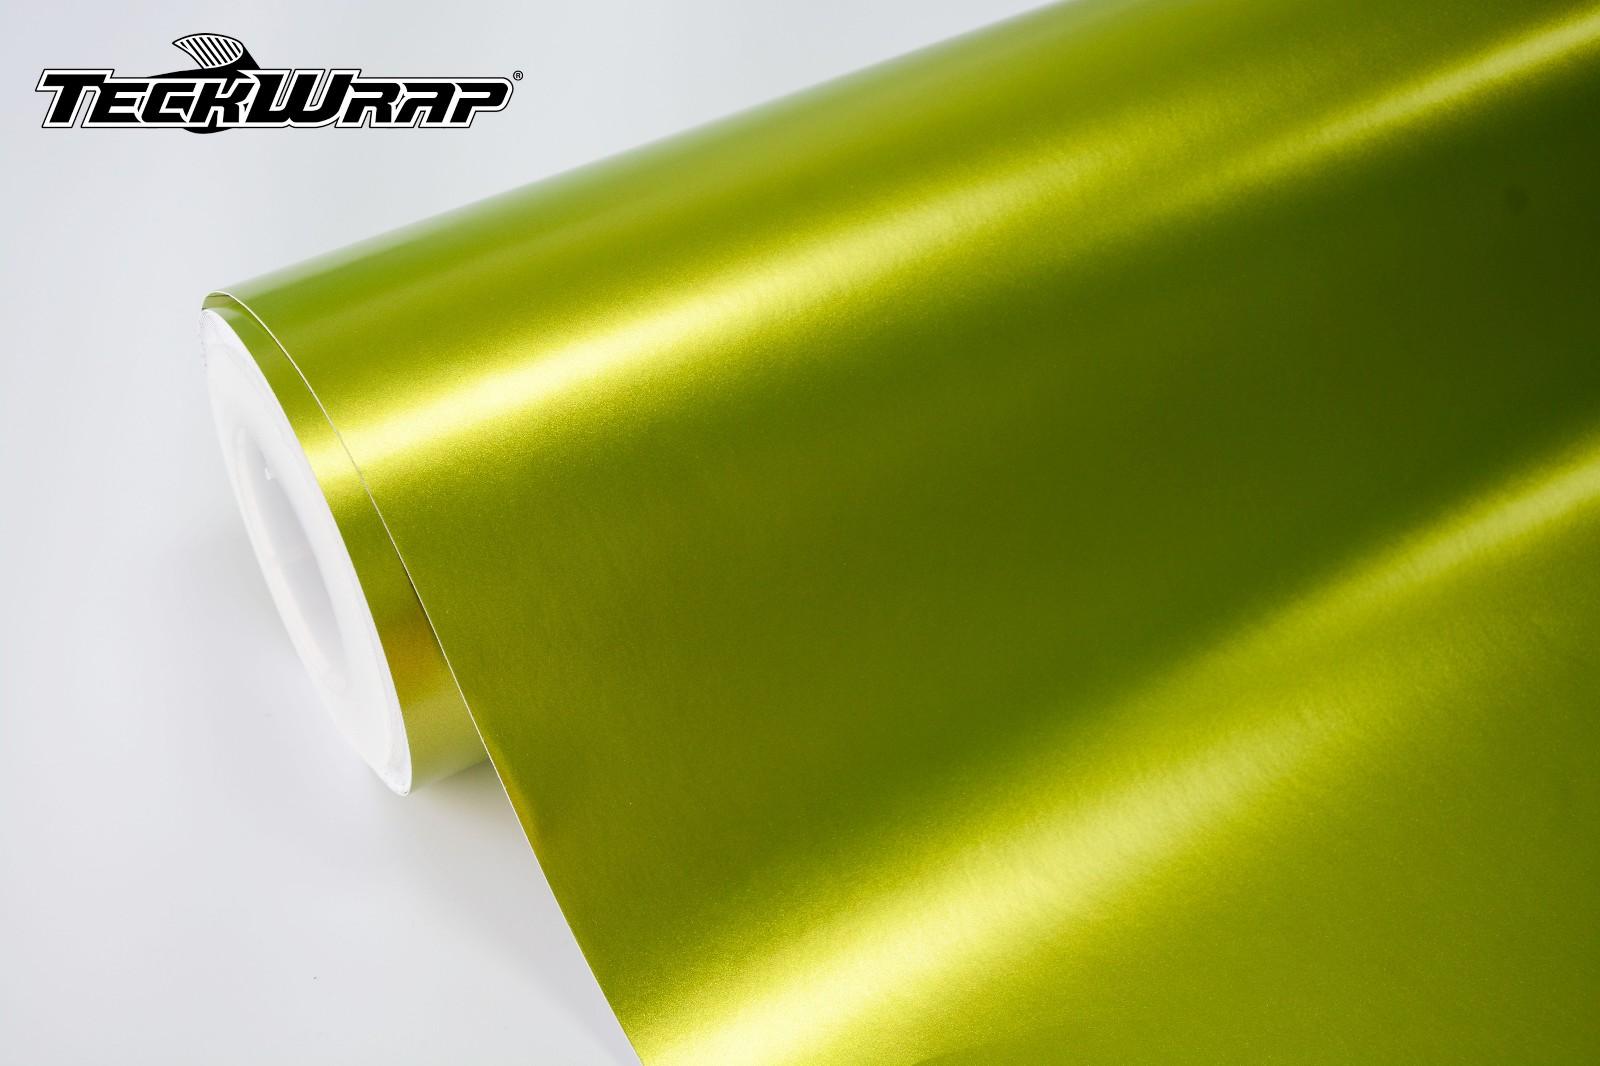 电光柠檬绿汽车保护膜 第3张-汽车内饰翻新-座椅改装-漆面保护贴膜-品牌隐形车衣   名车汇